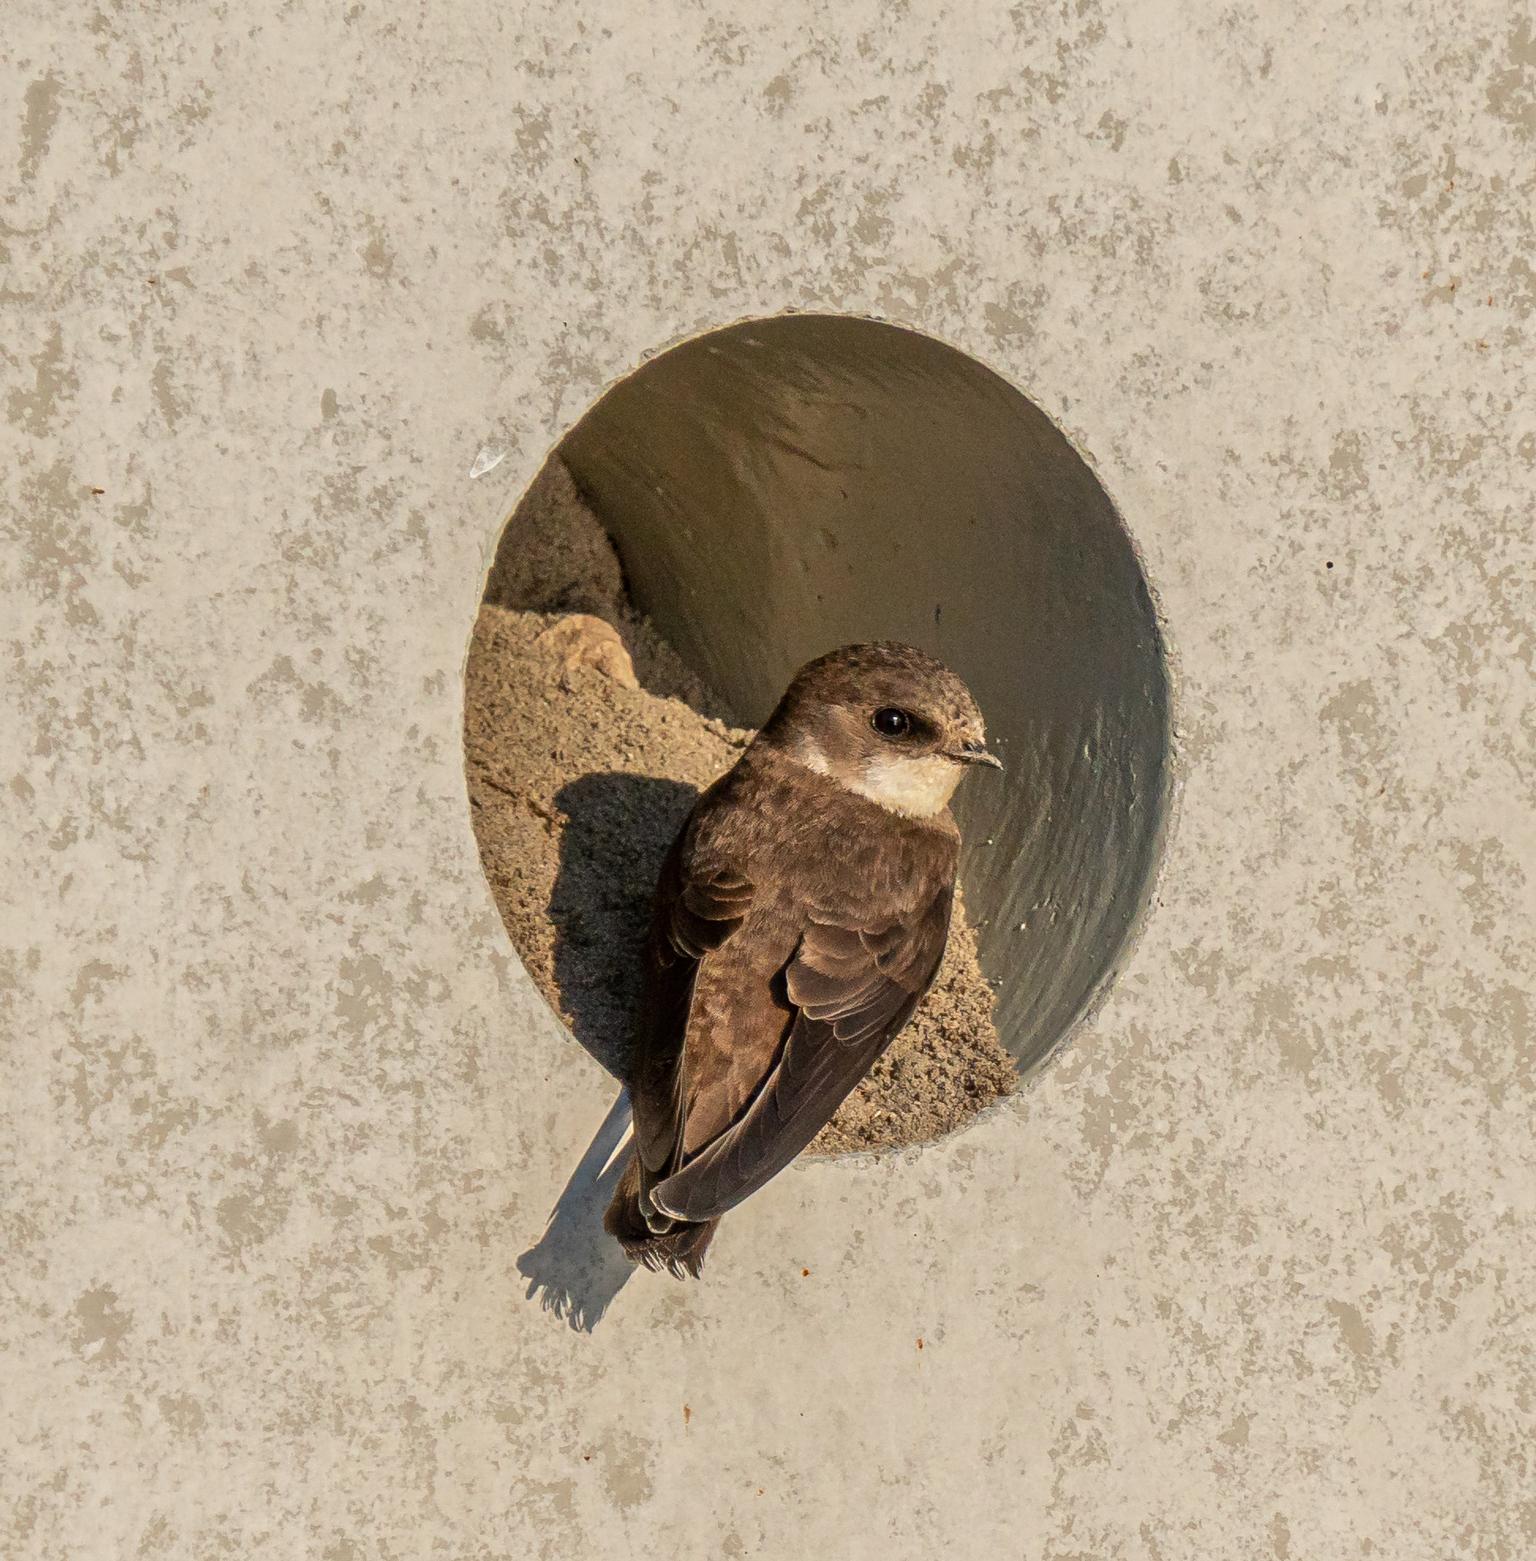 Betonnen nest van een oeverzwaluw - De gemeente Haarlemmermeer heeft een betonnen broedwand gemaakt voor oeverzwaluwen. - foto door Daalm op 17-04-2021 - deze foto bevat: oeverzwaluw, zwaluwen, vogel, bek, veer, falconiformes, vleugel, hout, staart, dieren in het wild, accipitridae, accipitriformes